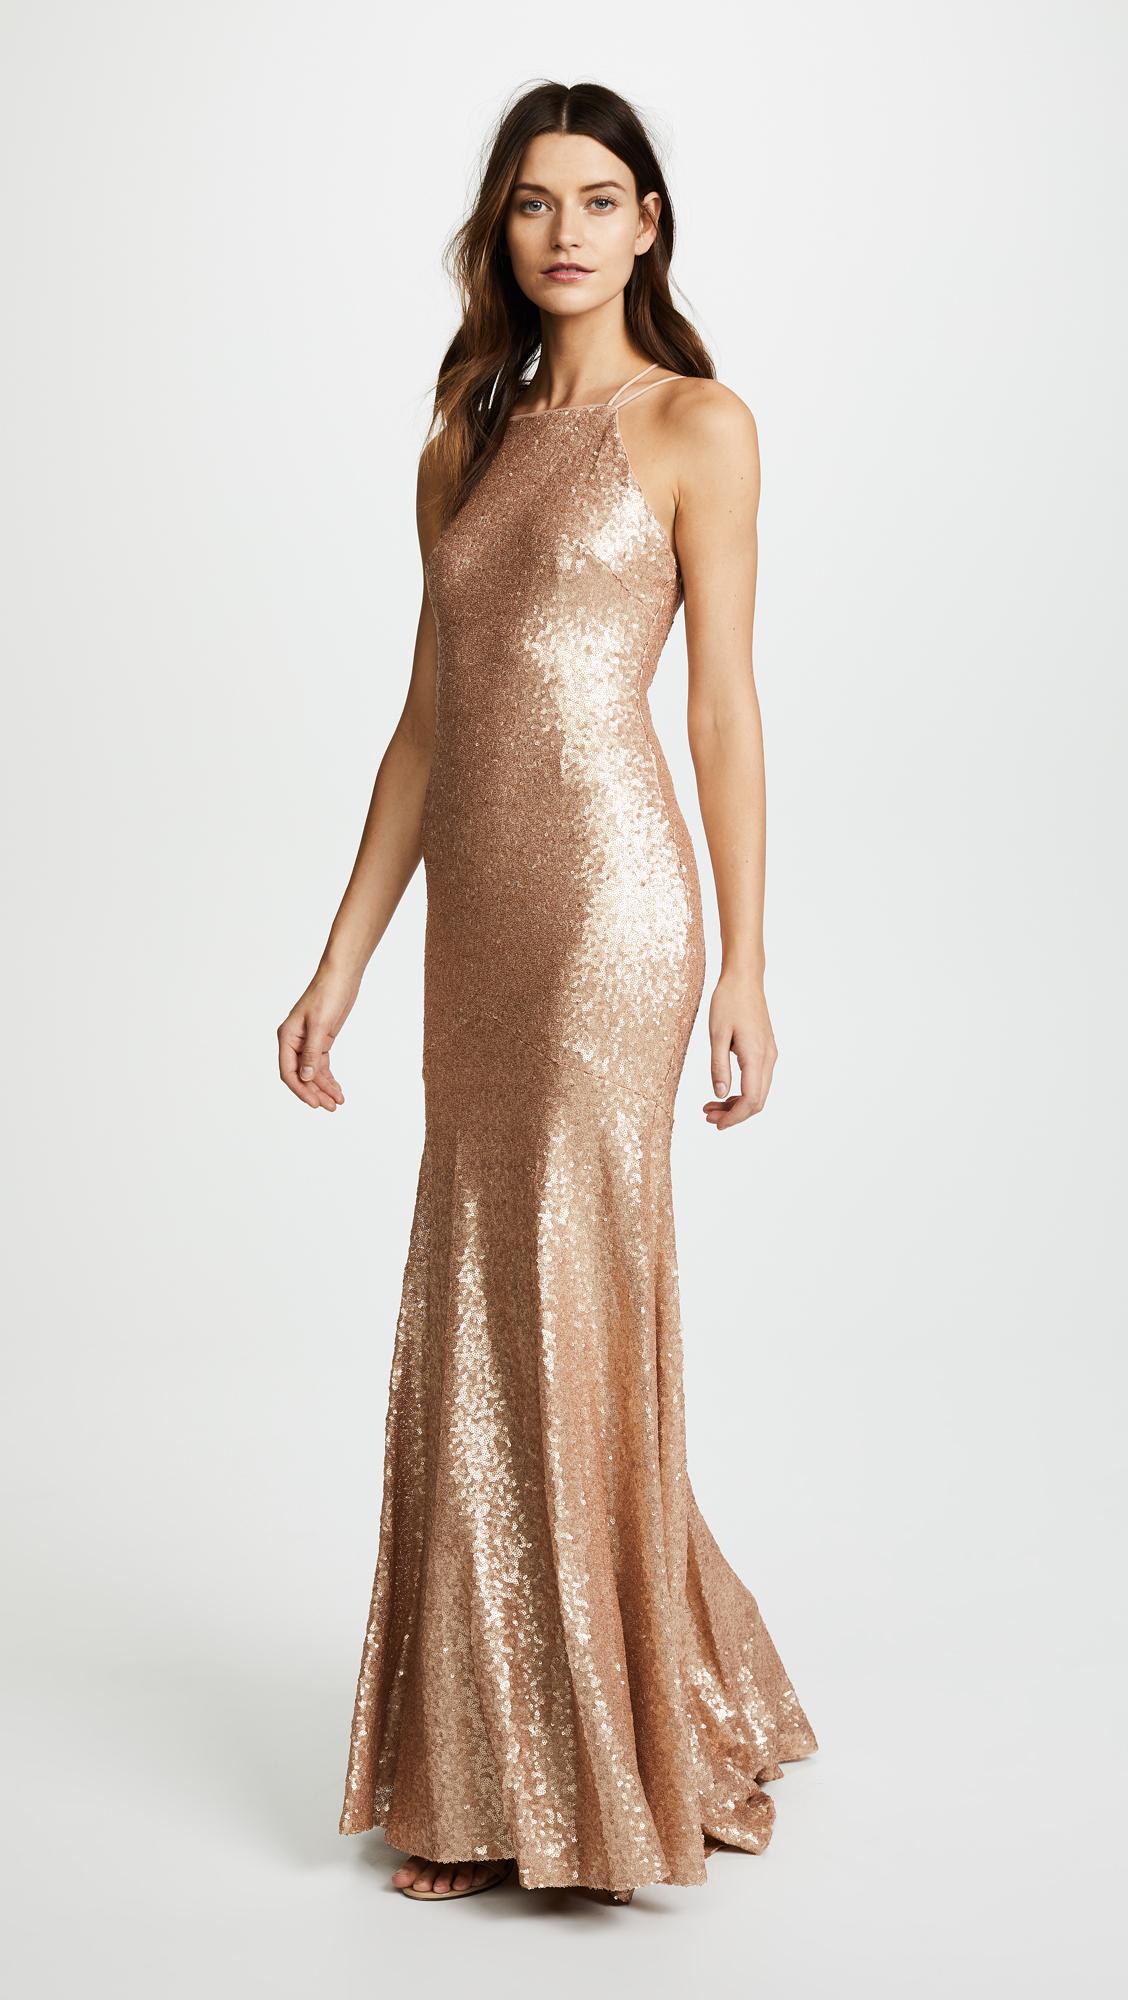 mermaid-gown-shopbop.jpg